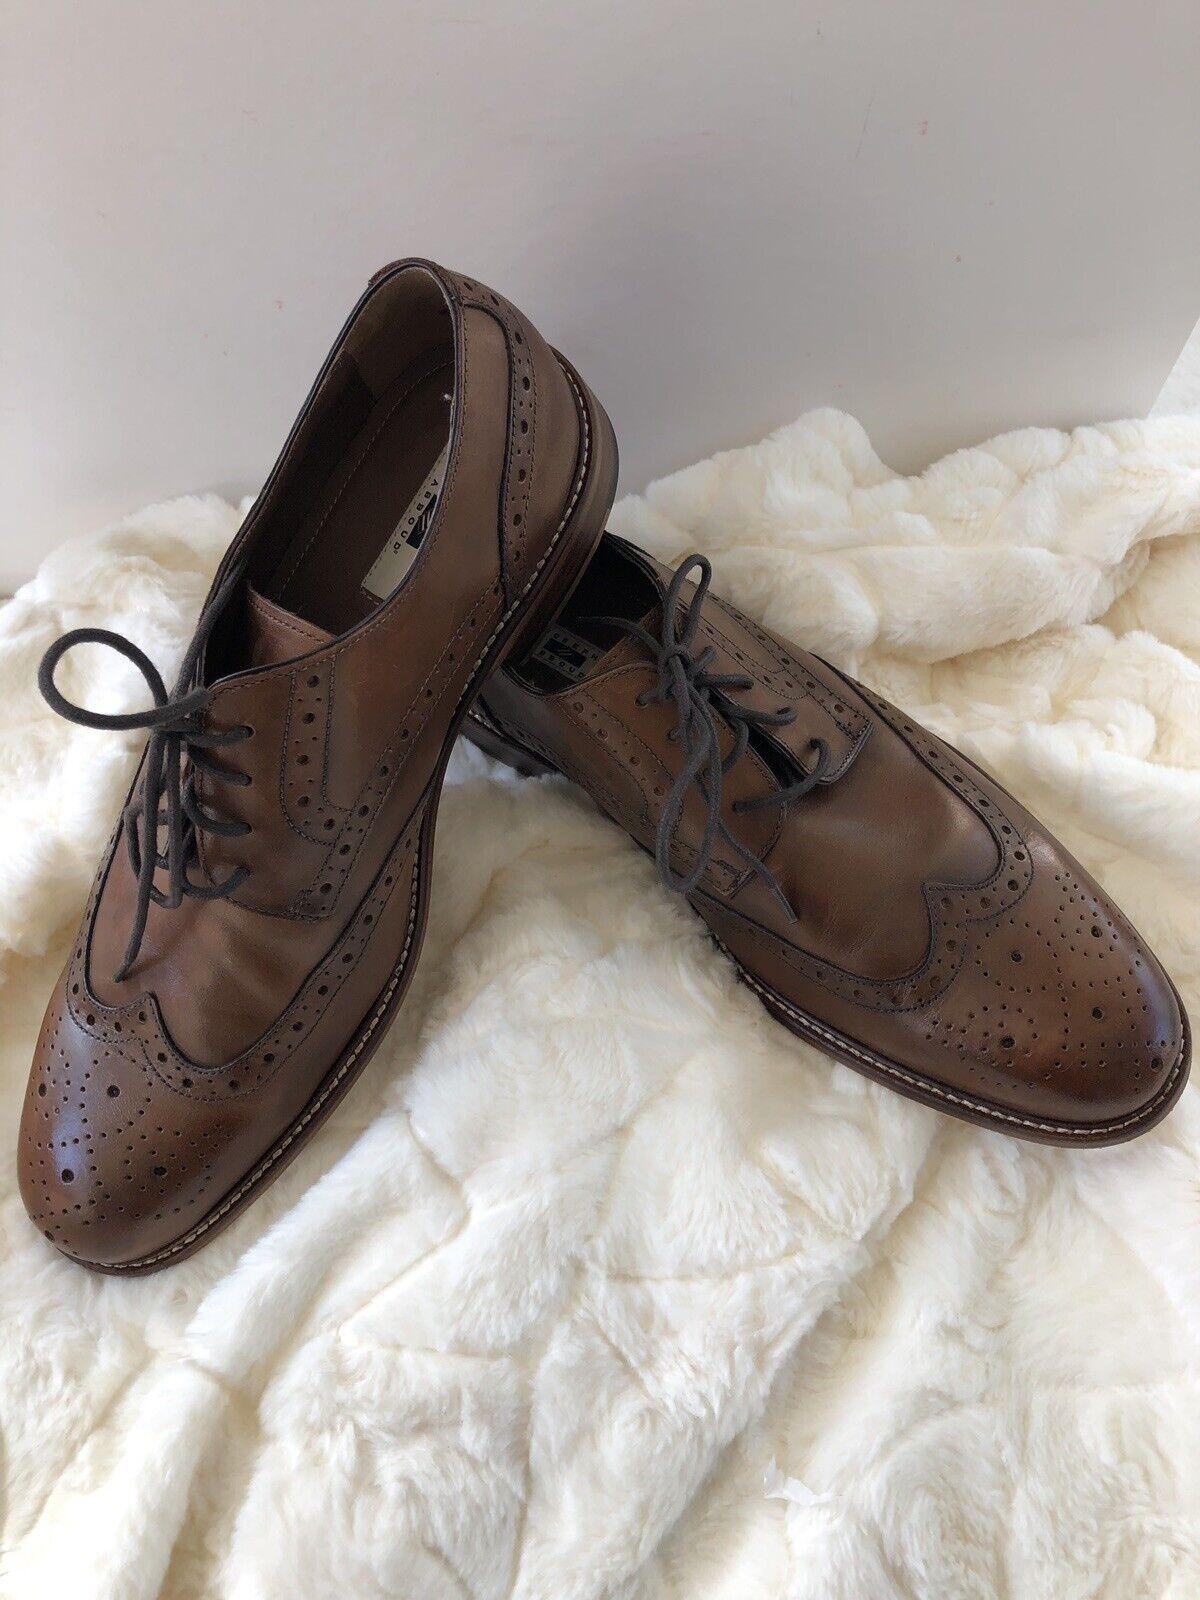 joseph abboud mens shoes 10.5